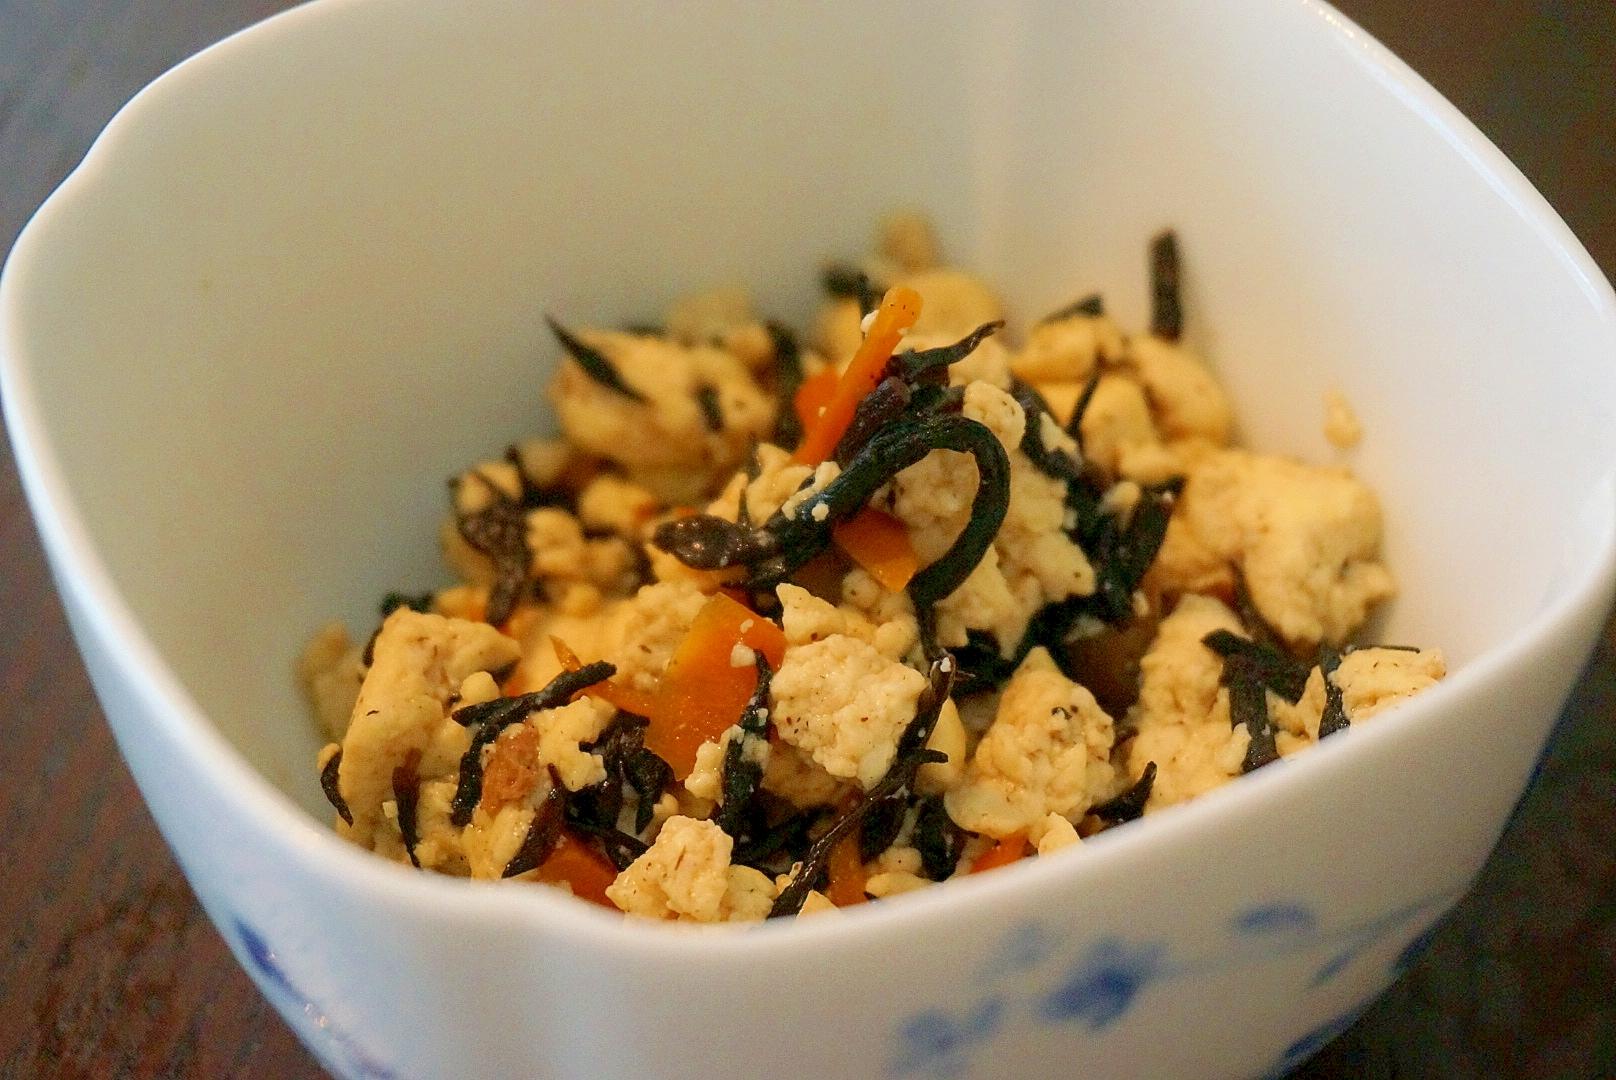 煎り豆腐とひじきの煮物